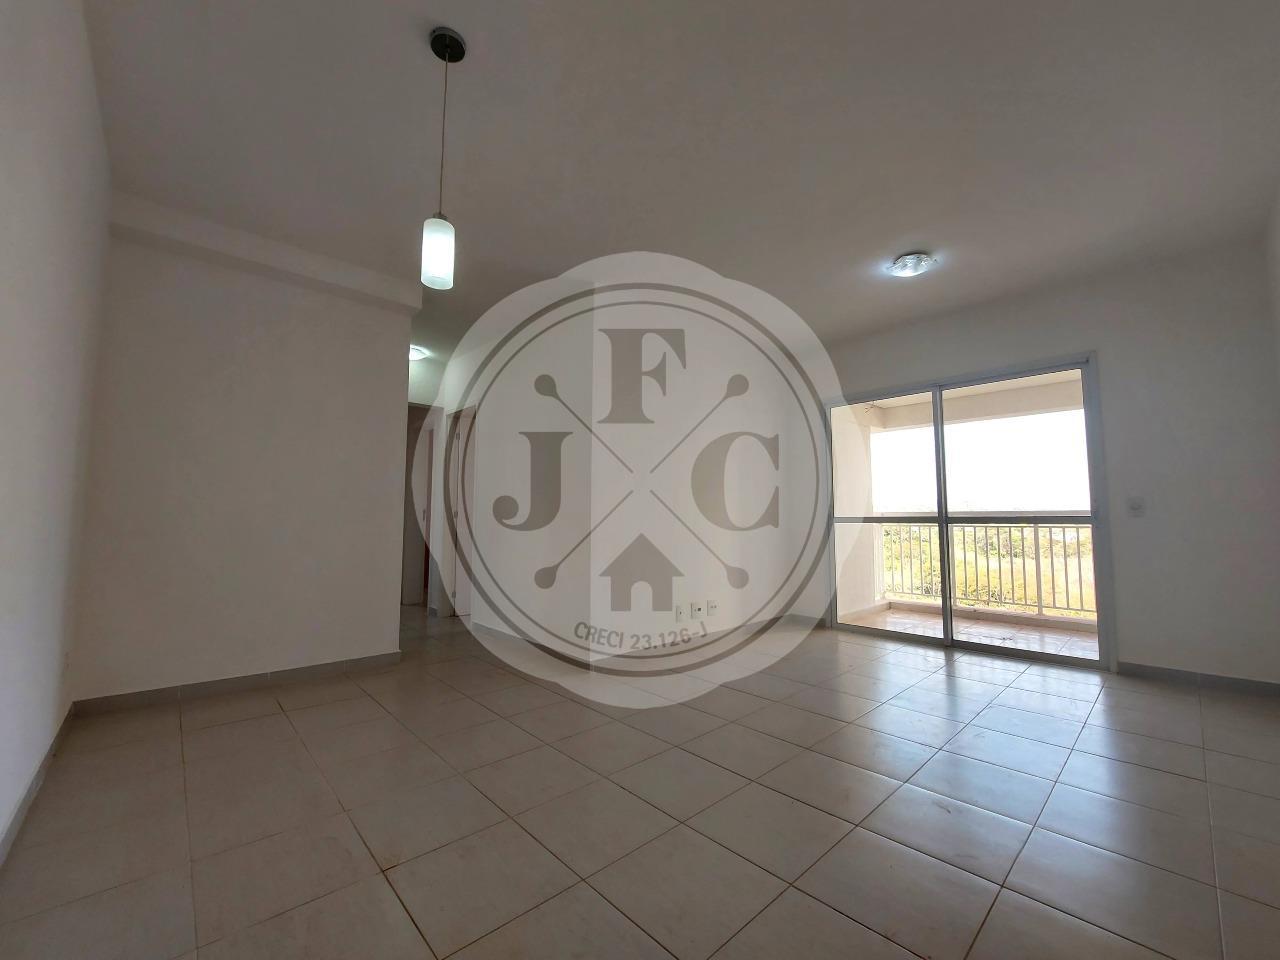 Exclusivo apartamento para locação com 3 dormitórios sendo 1 suíte em frente ao Shopping Iguatemi.